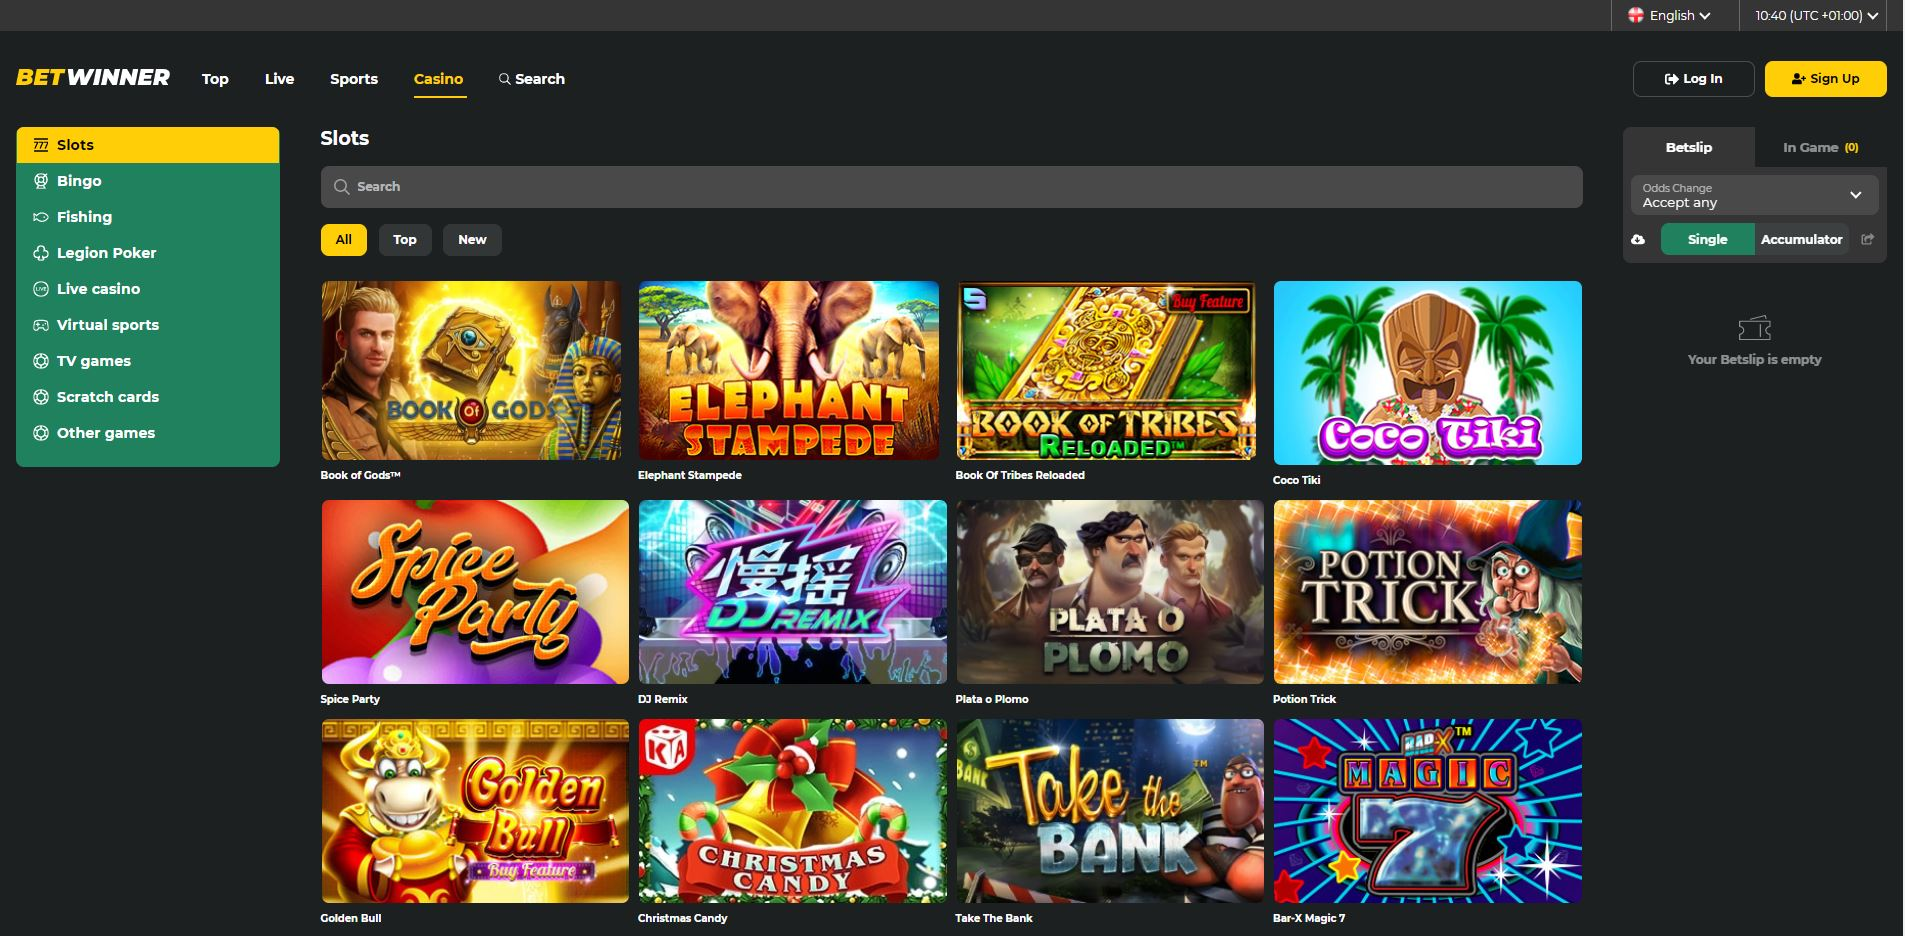 BetWinner Casino Homepage Screenshot